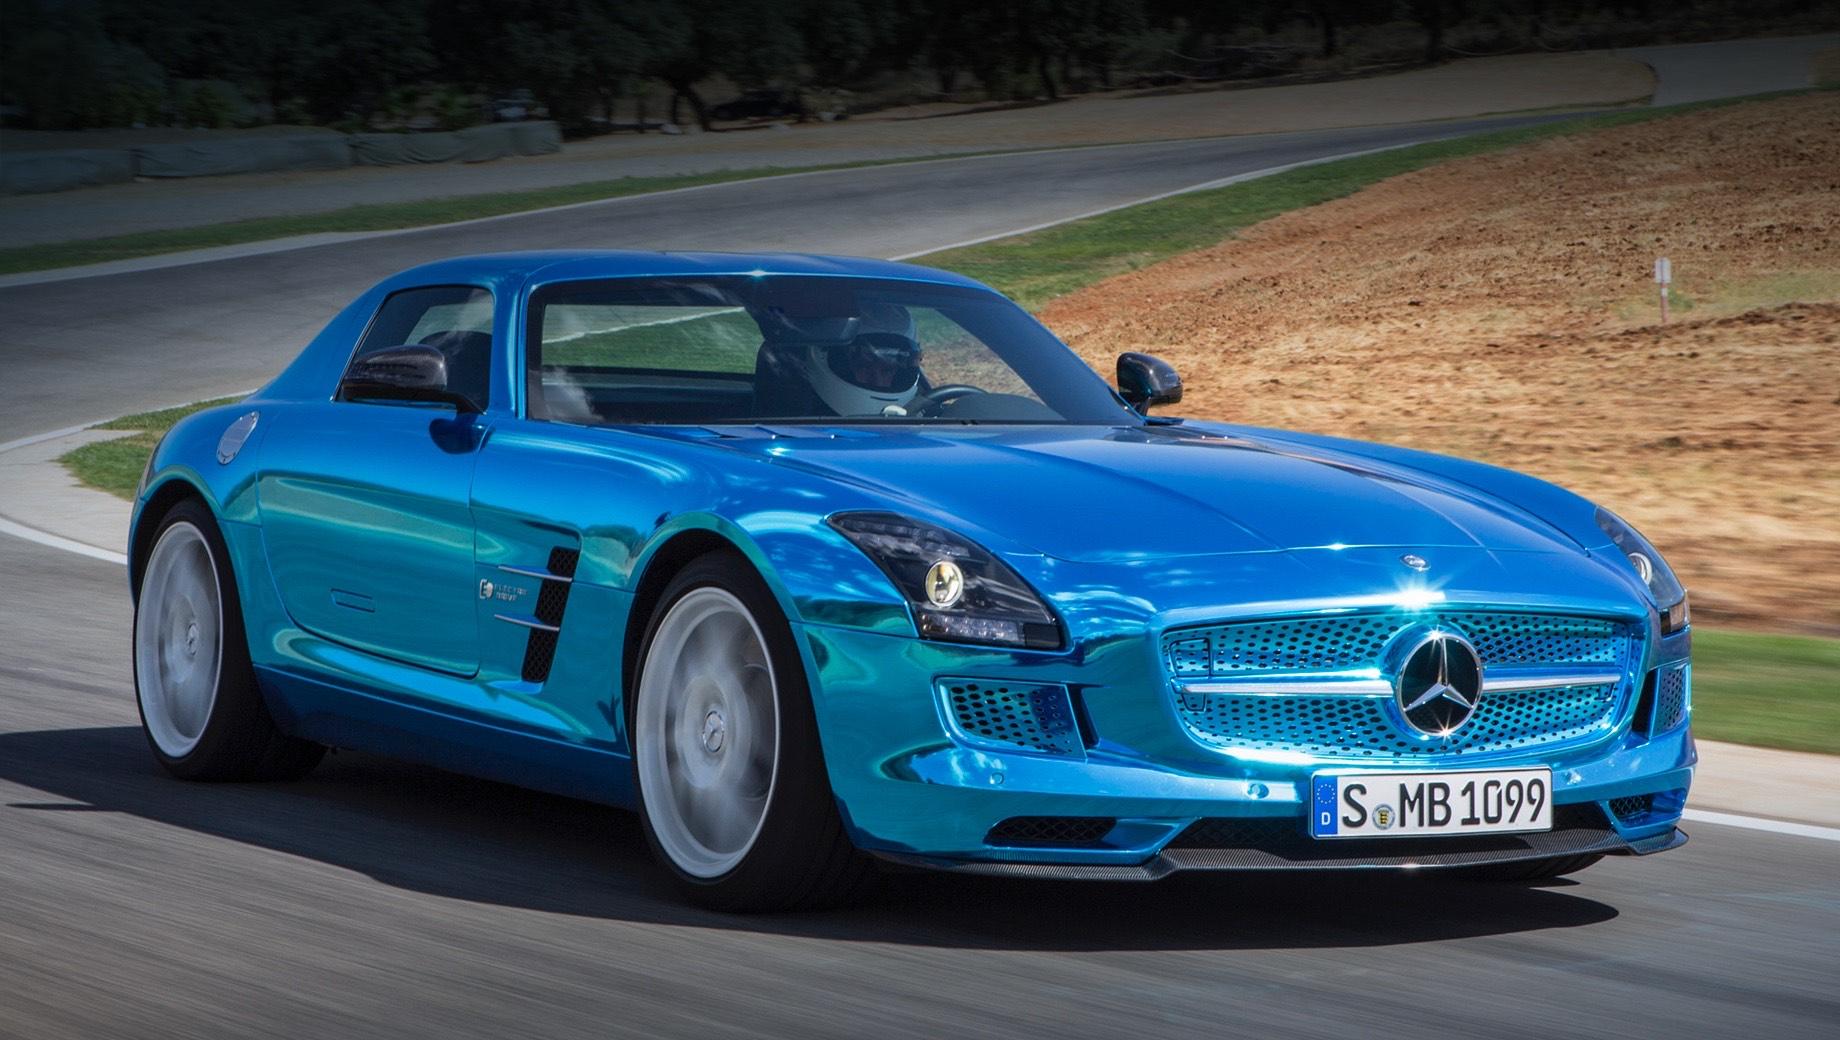 Mercedes eq,Mercedes amg,Mercedes eqa,Mercedes eqb,Mercedes eqe,Mercedes eqs. Мастера из Аффальтербаха давно присматриваются к электромобилям. В 2010 году свет увидело купе SLS AMG E-Cell, а в 2012-м на Парижском автошоу выступил суперкар SLS AMG Electric Drive (на фото) мощностью 552 кВт (750 л.с., 1000 Н•м), который сейчас хранится в музее Мерседеса в Штутгарте.